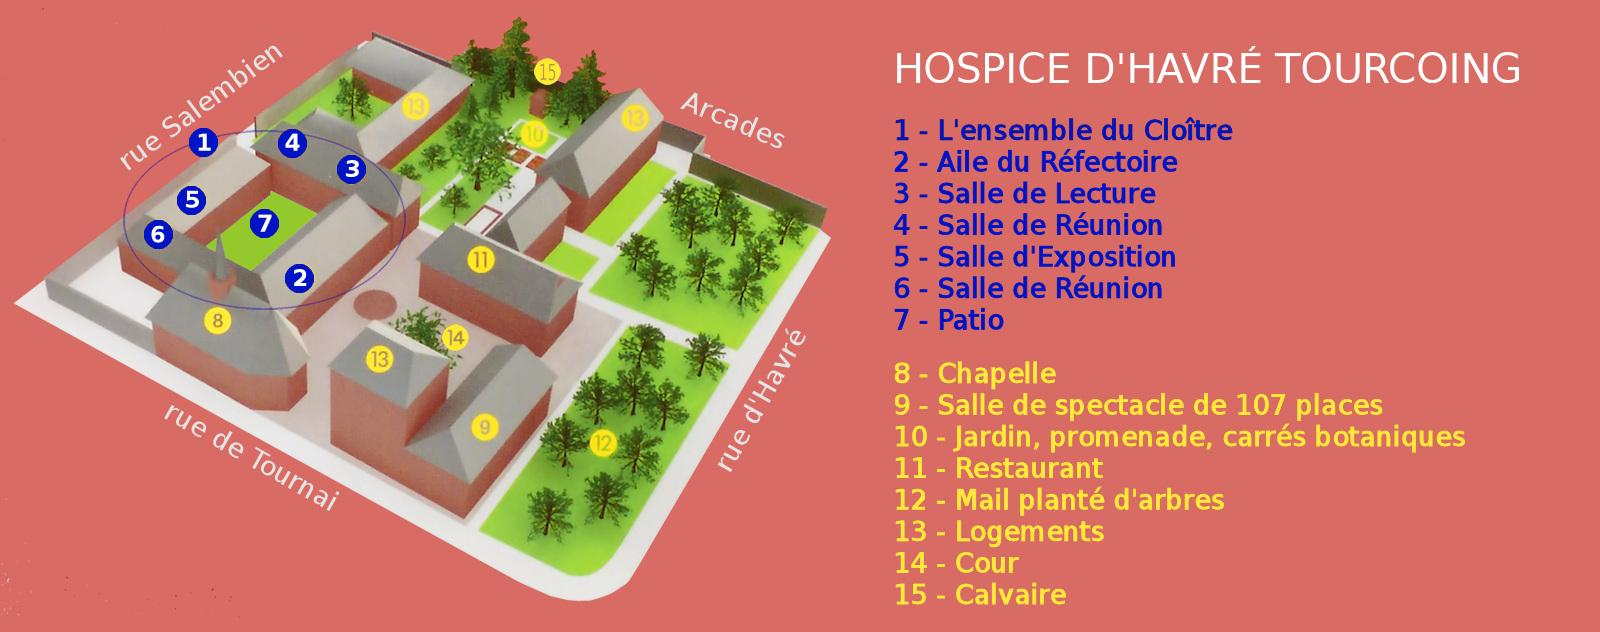 Plan de l'ensemble des bâtiments de l'hospice d'Havré